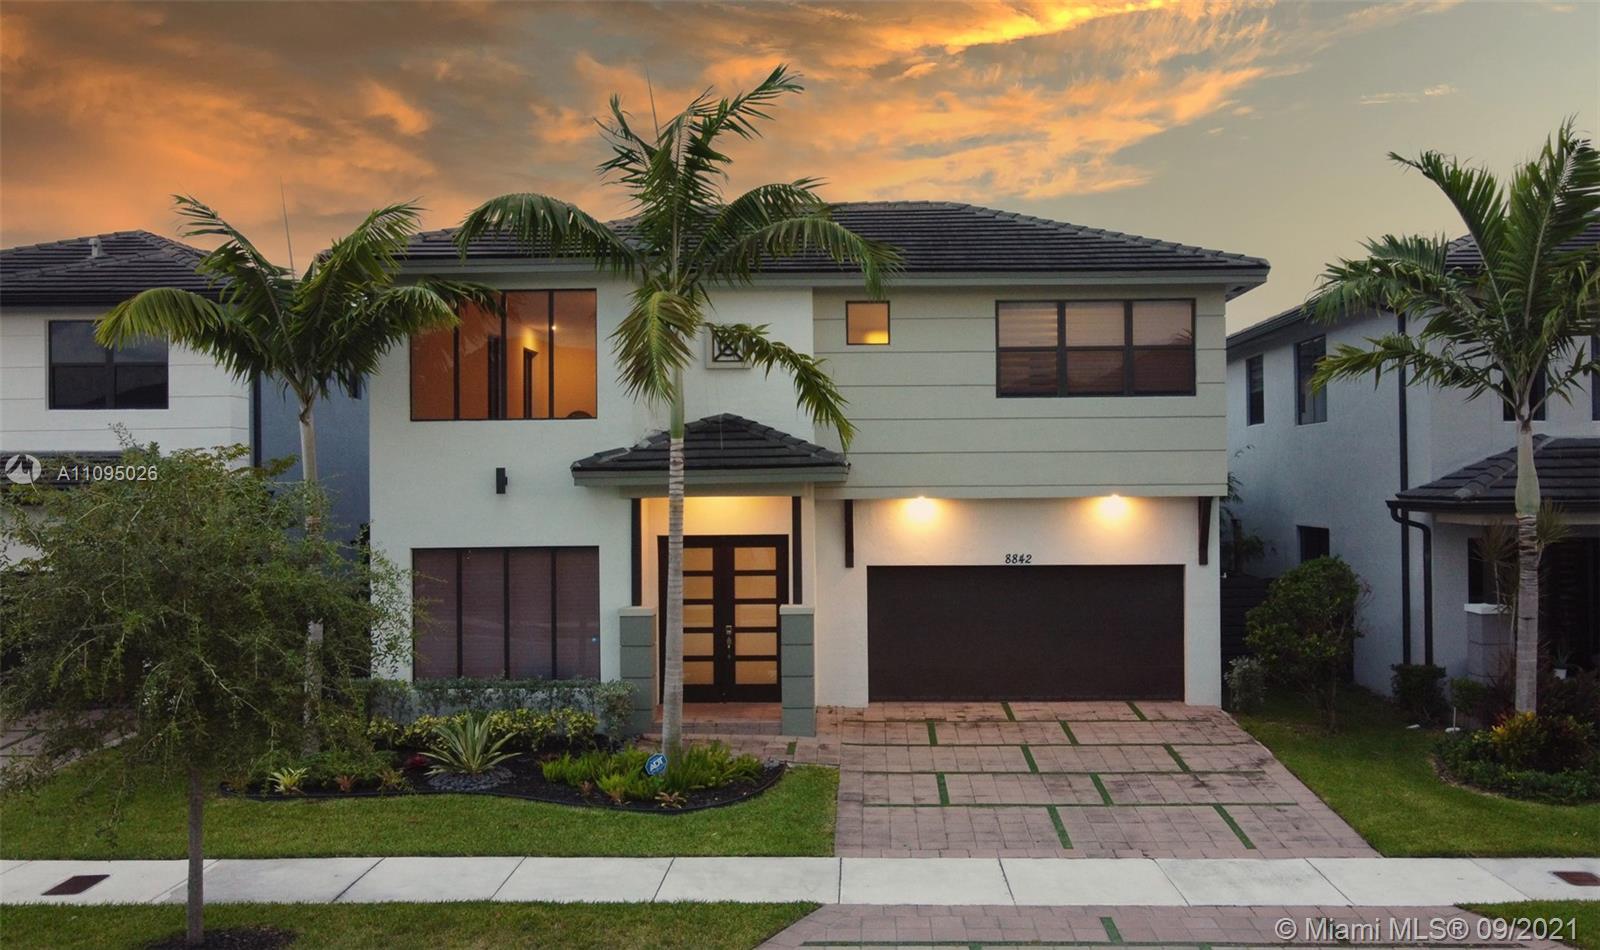 Miami Lakes - 8842 NW 154th Ter, Miami Lakes, FL 33018